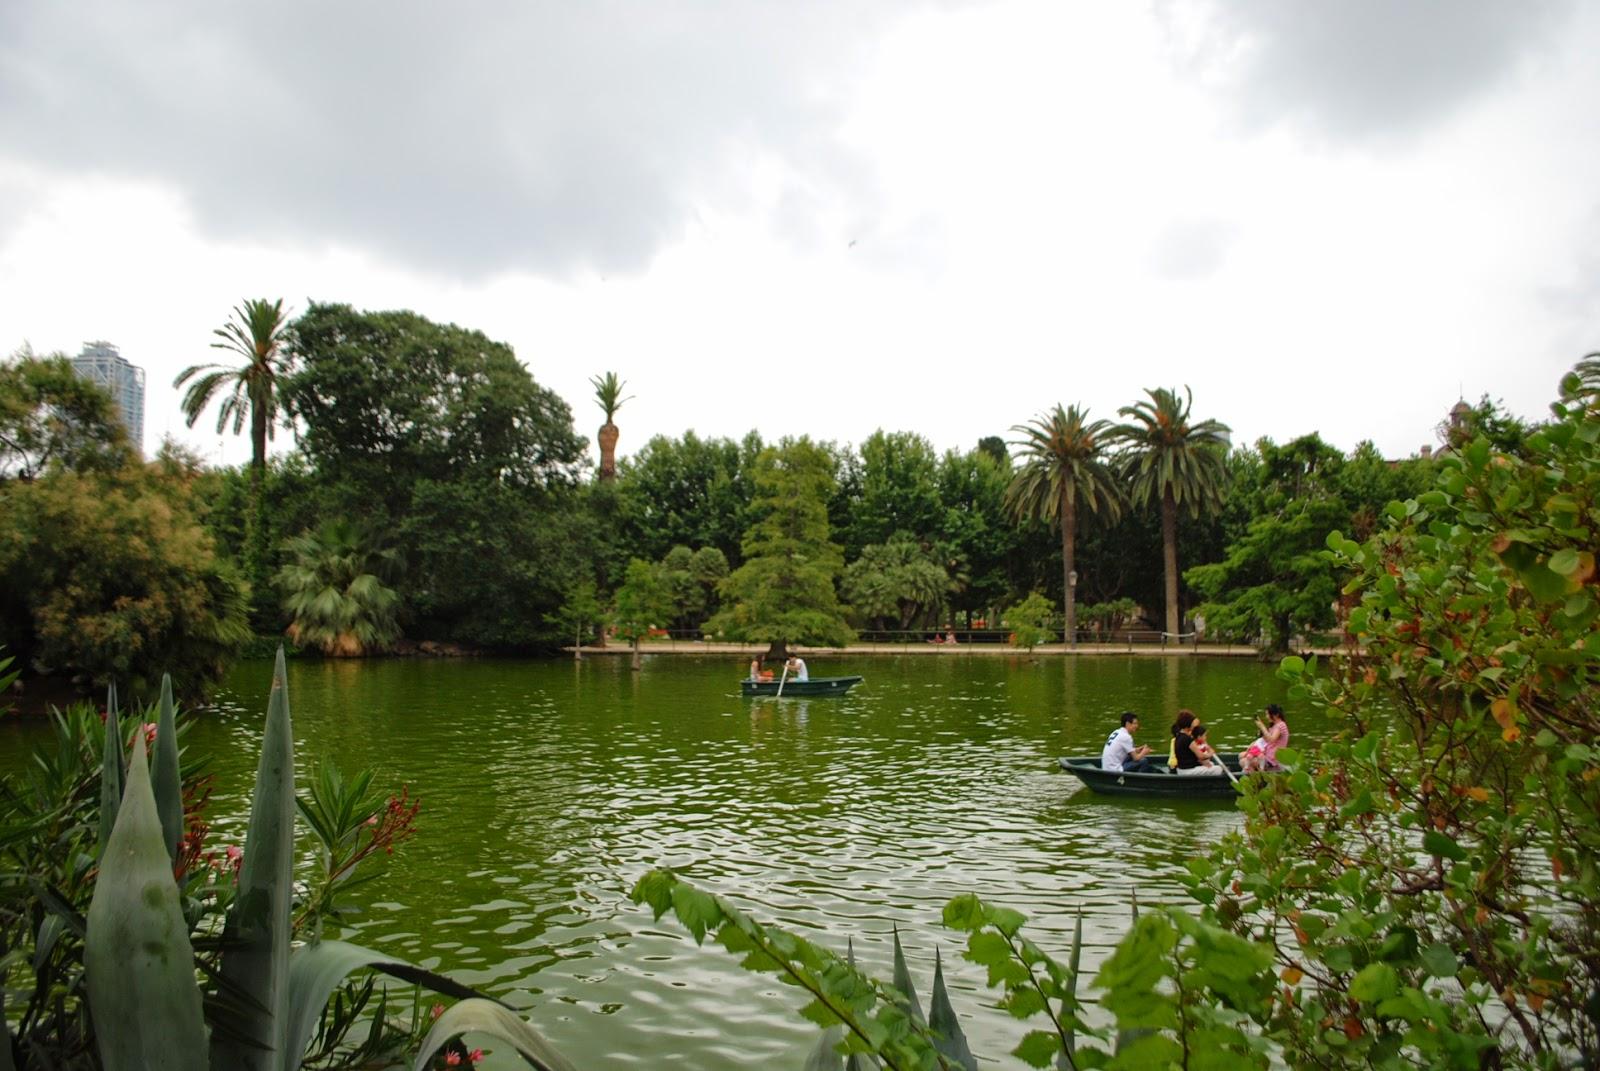 Озеро в паре Цитадели (Сьютаделья, Ciutadella), Барселона, Каталония, Испания. Lake in parc de la Ciutadella, Barcelona, Catalonia, Spain